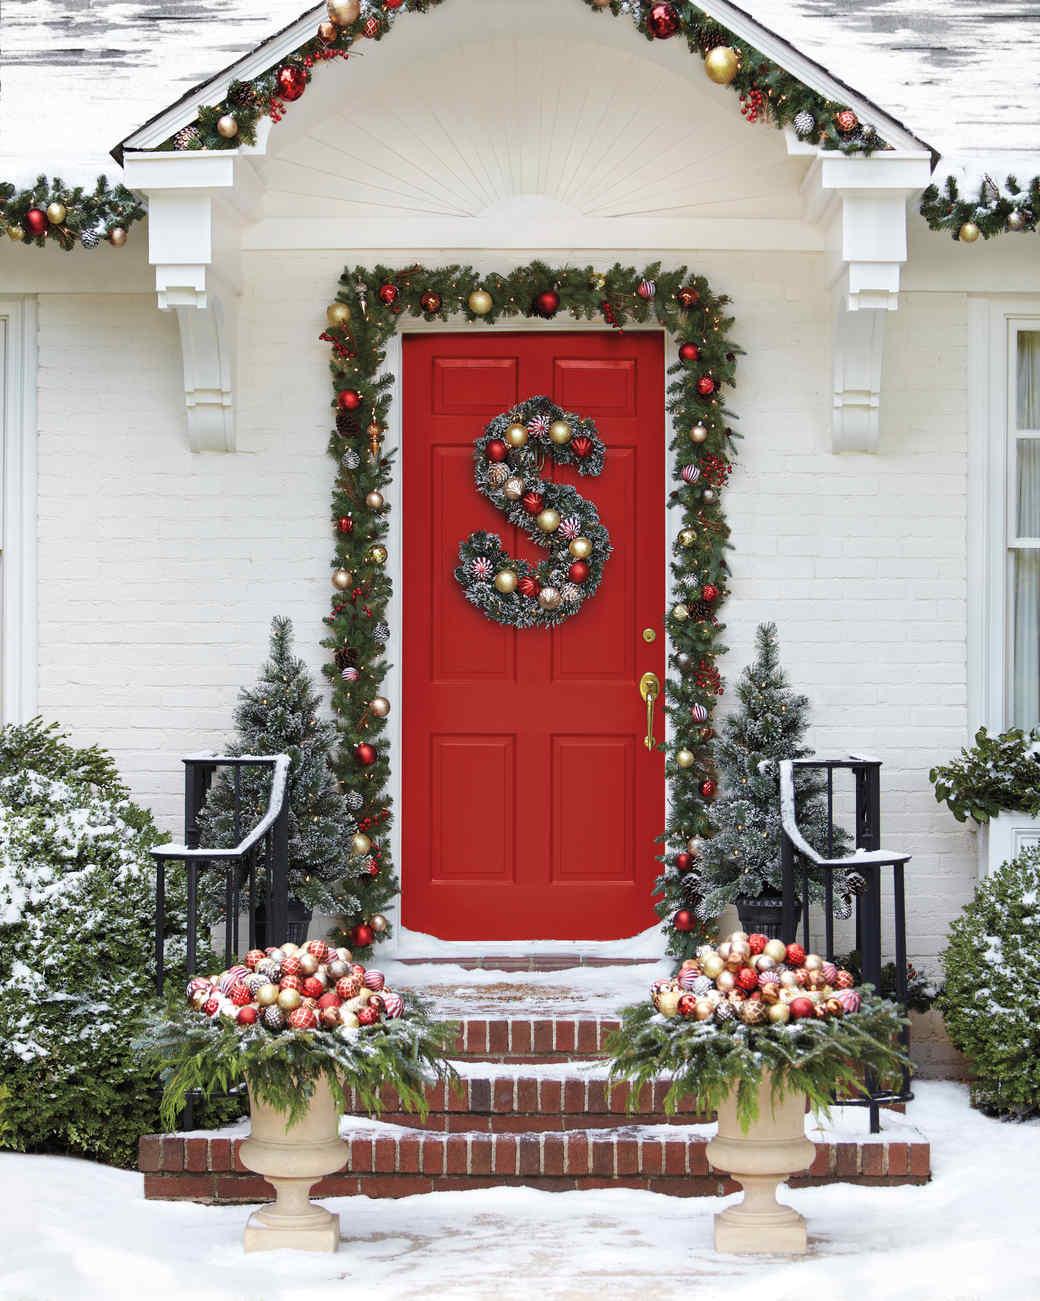 & How to Make a Wreath | Martha Stewart